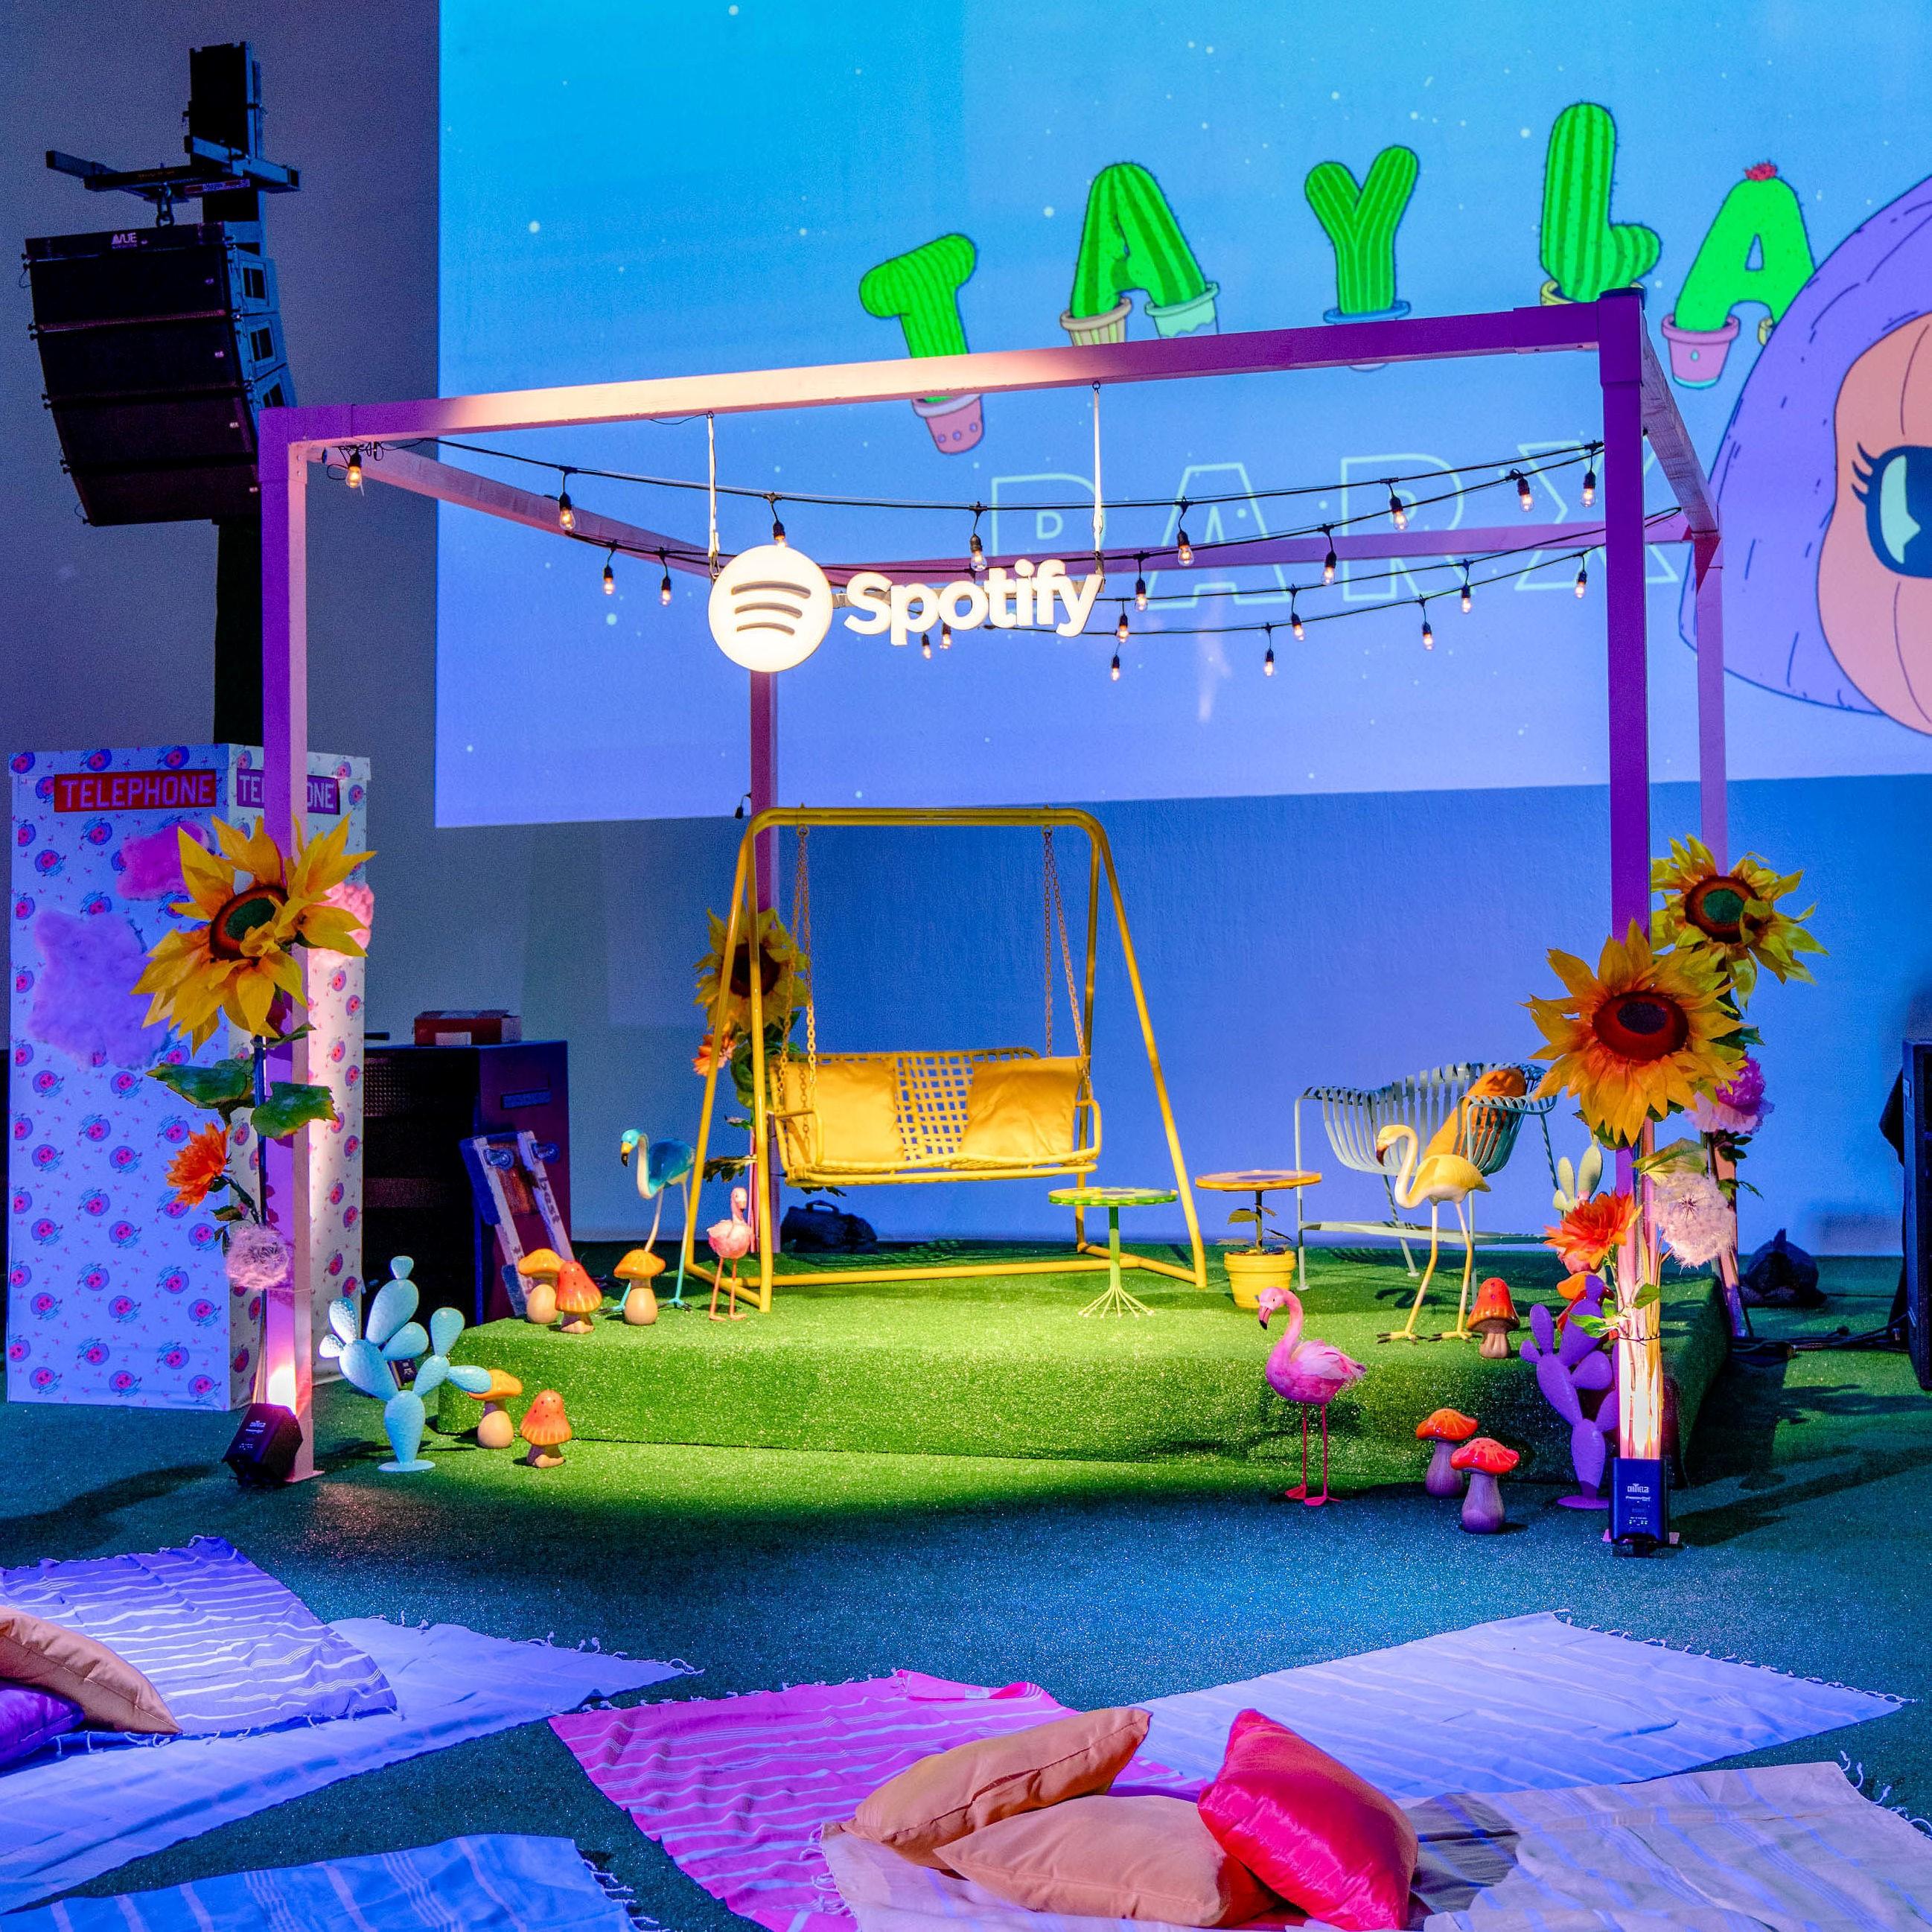 Case Study: Spotify x Tayla Park